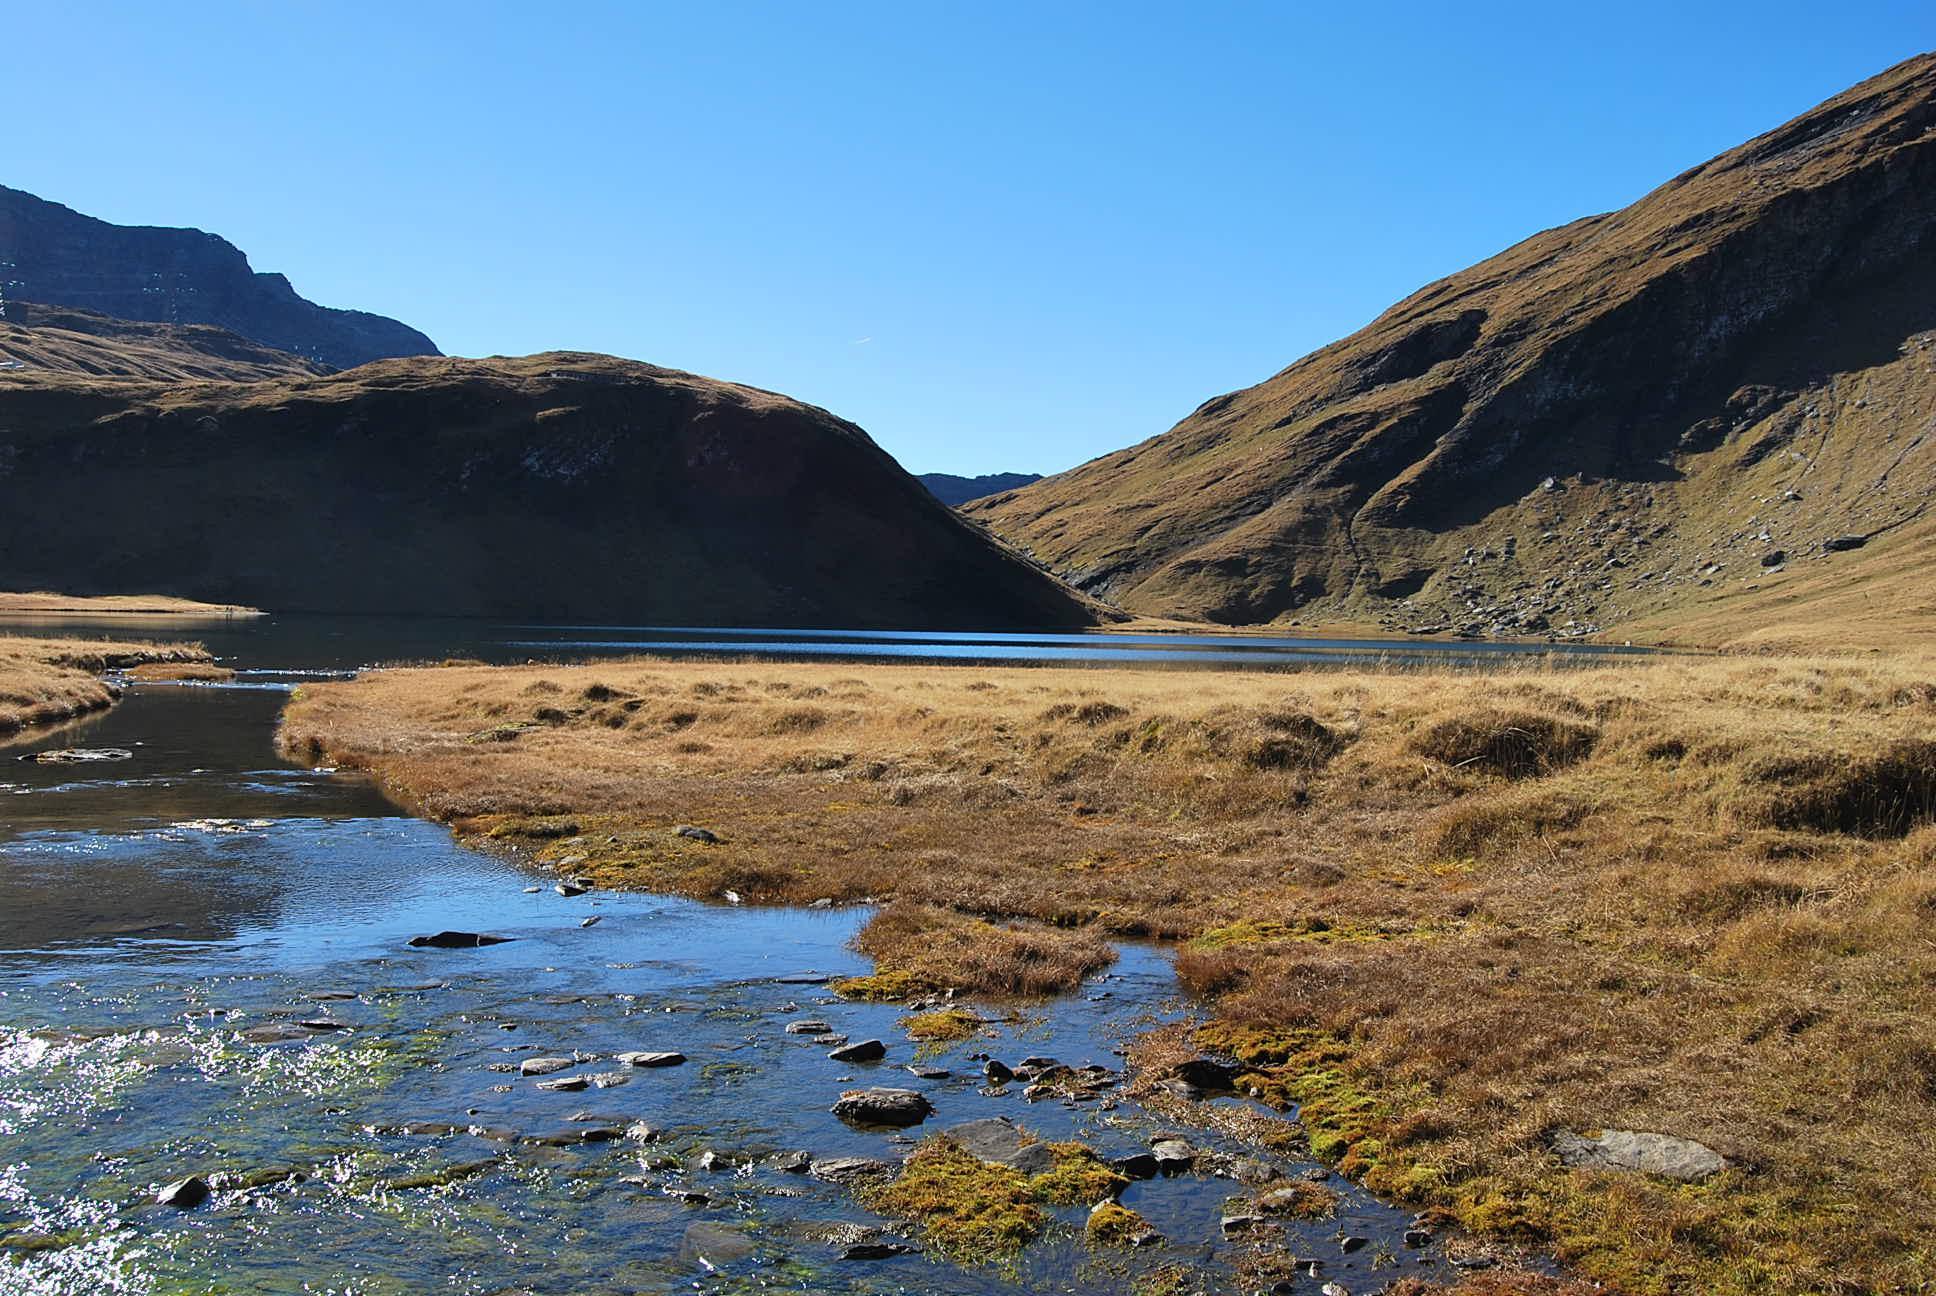 Rousses (Sommet des) dal lago di Verney per il Colle della Pointe Rousse 2014-10-18